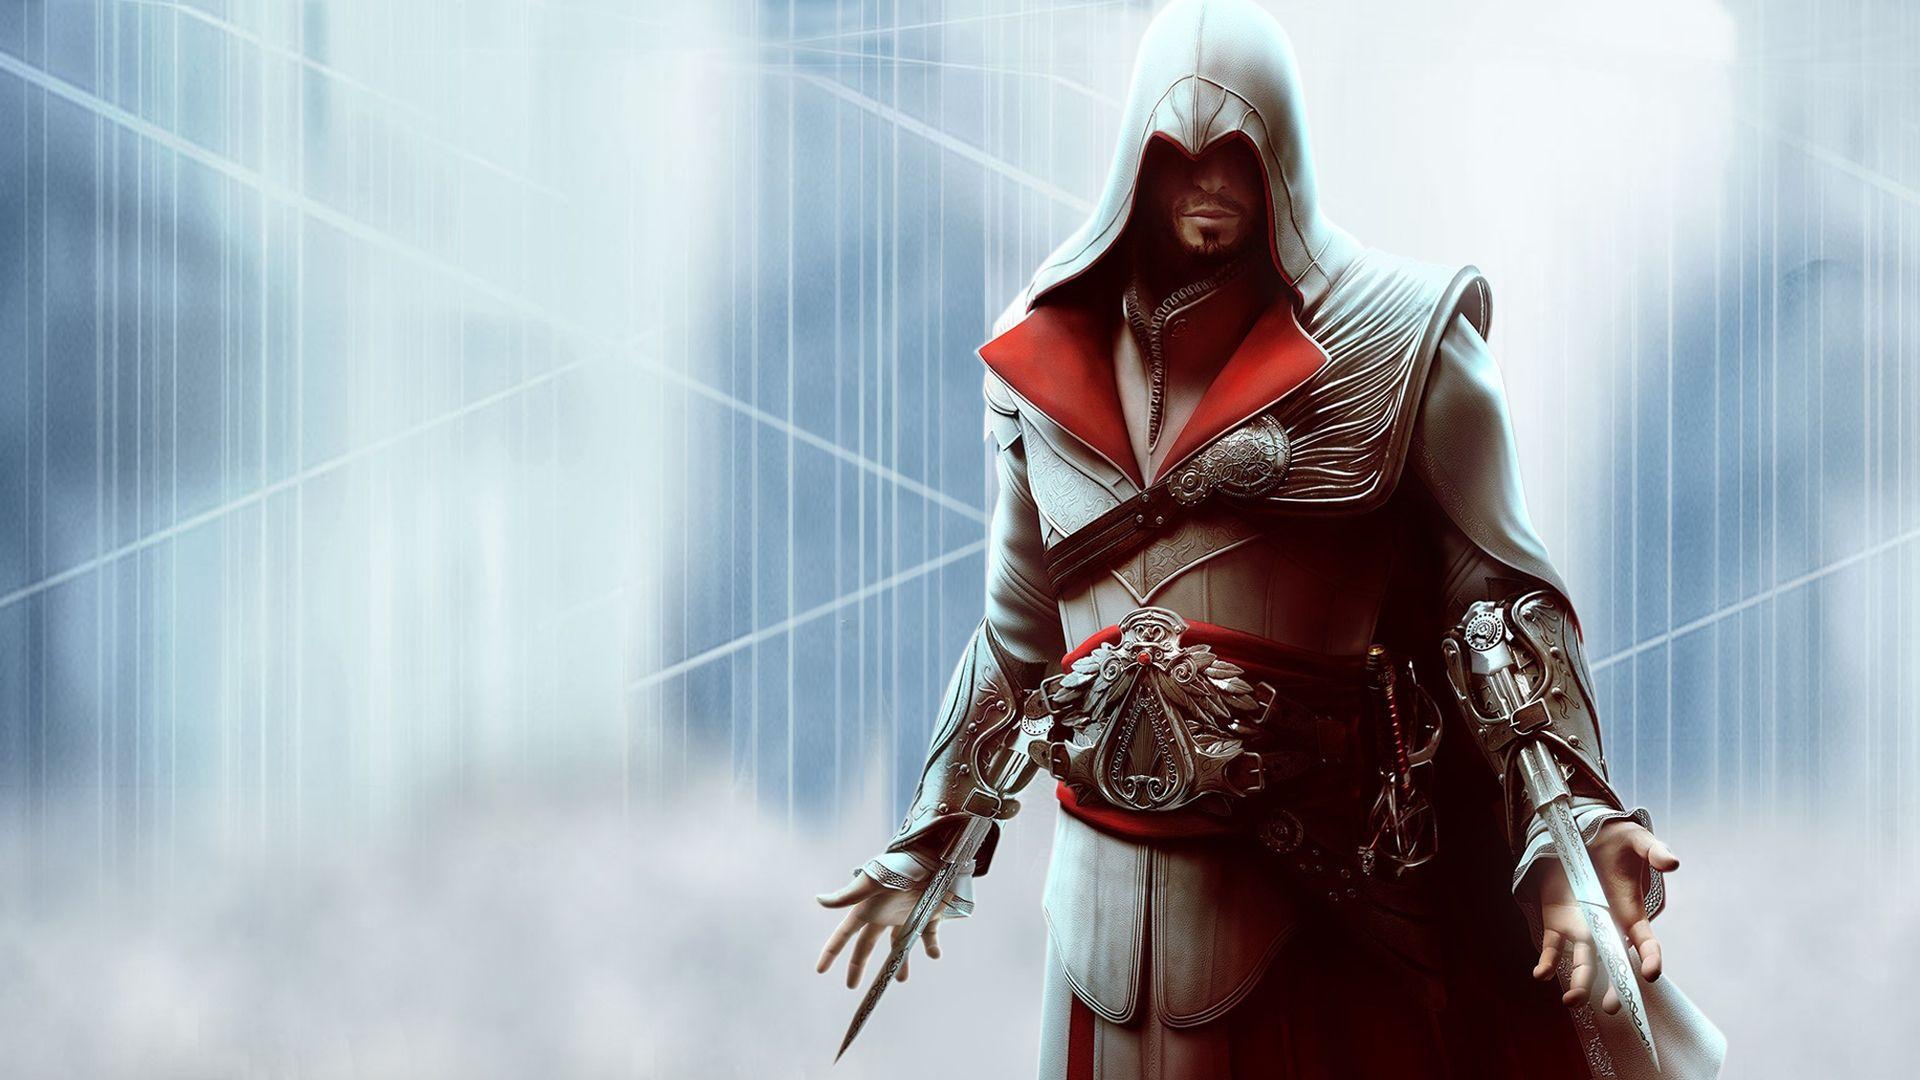 Assassin Creed Ezio Auditore